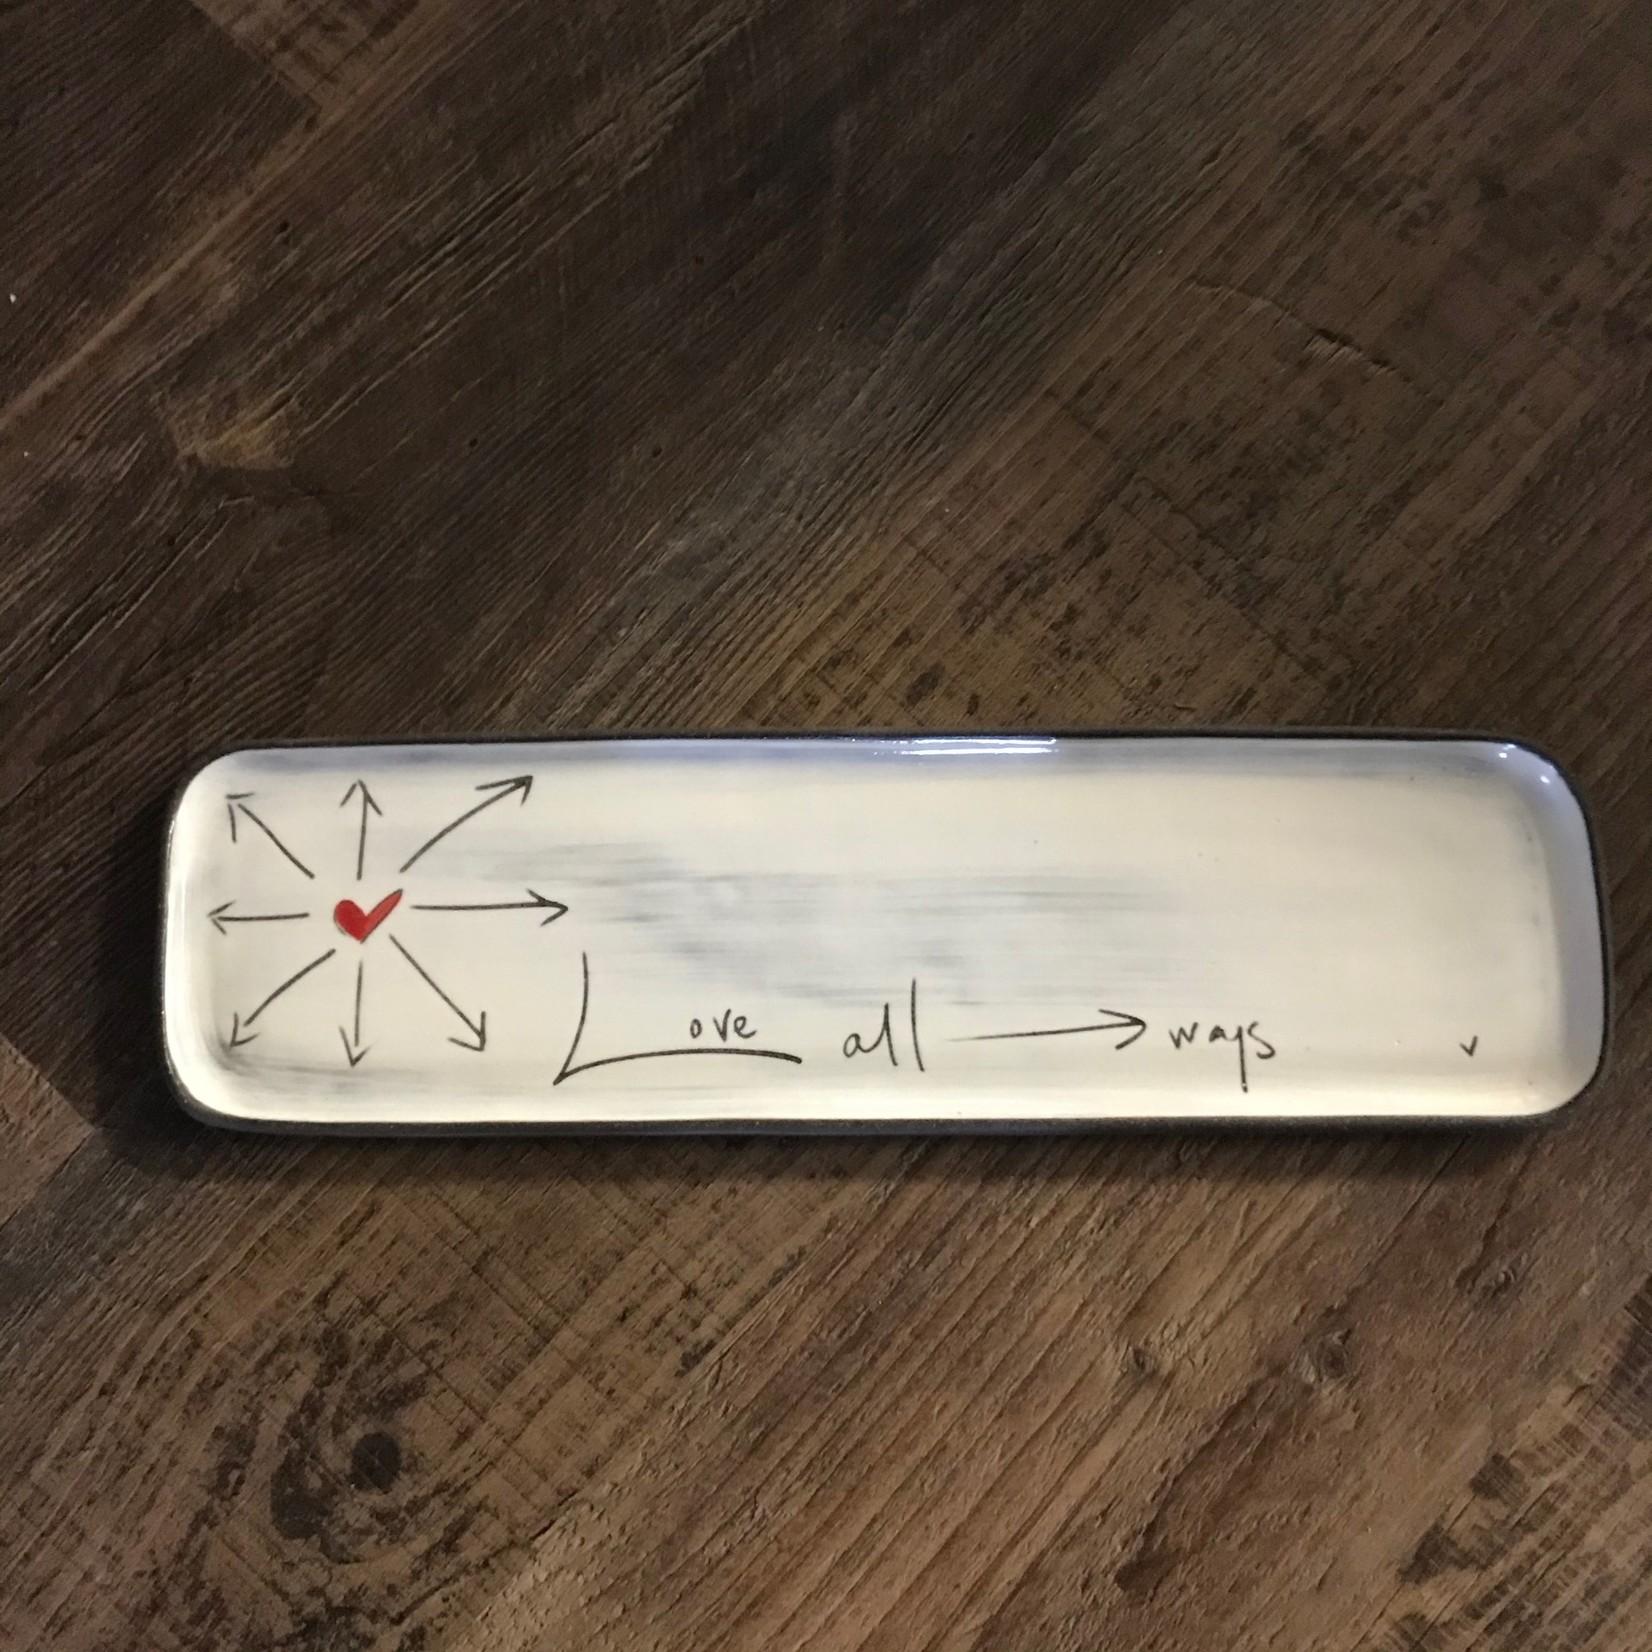 Z Pots Z Pots Ceramic Long Rectangle Tray - Love All Ways